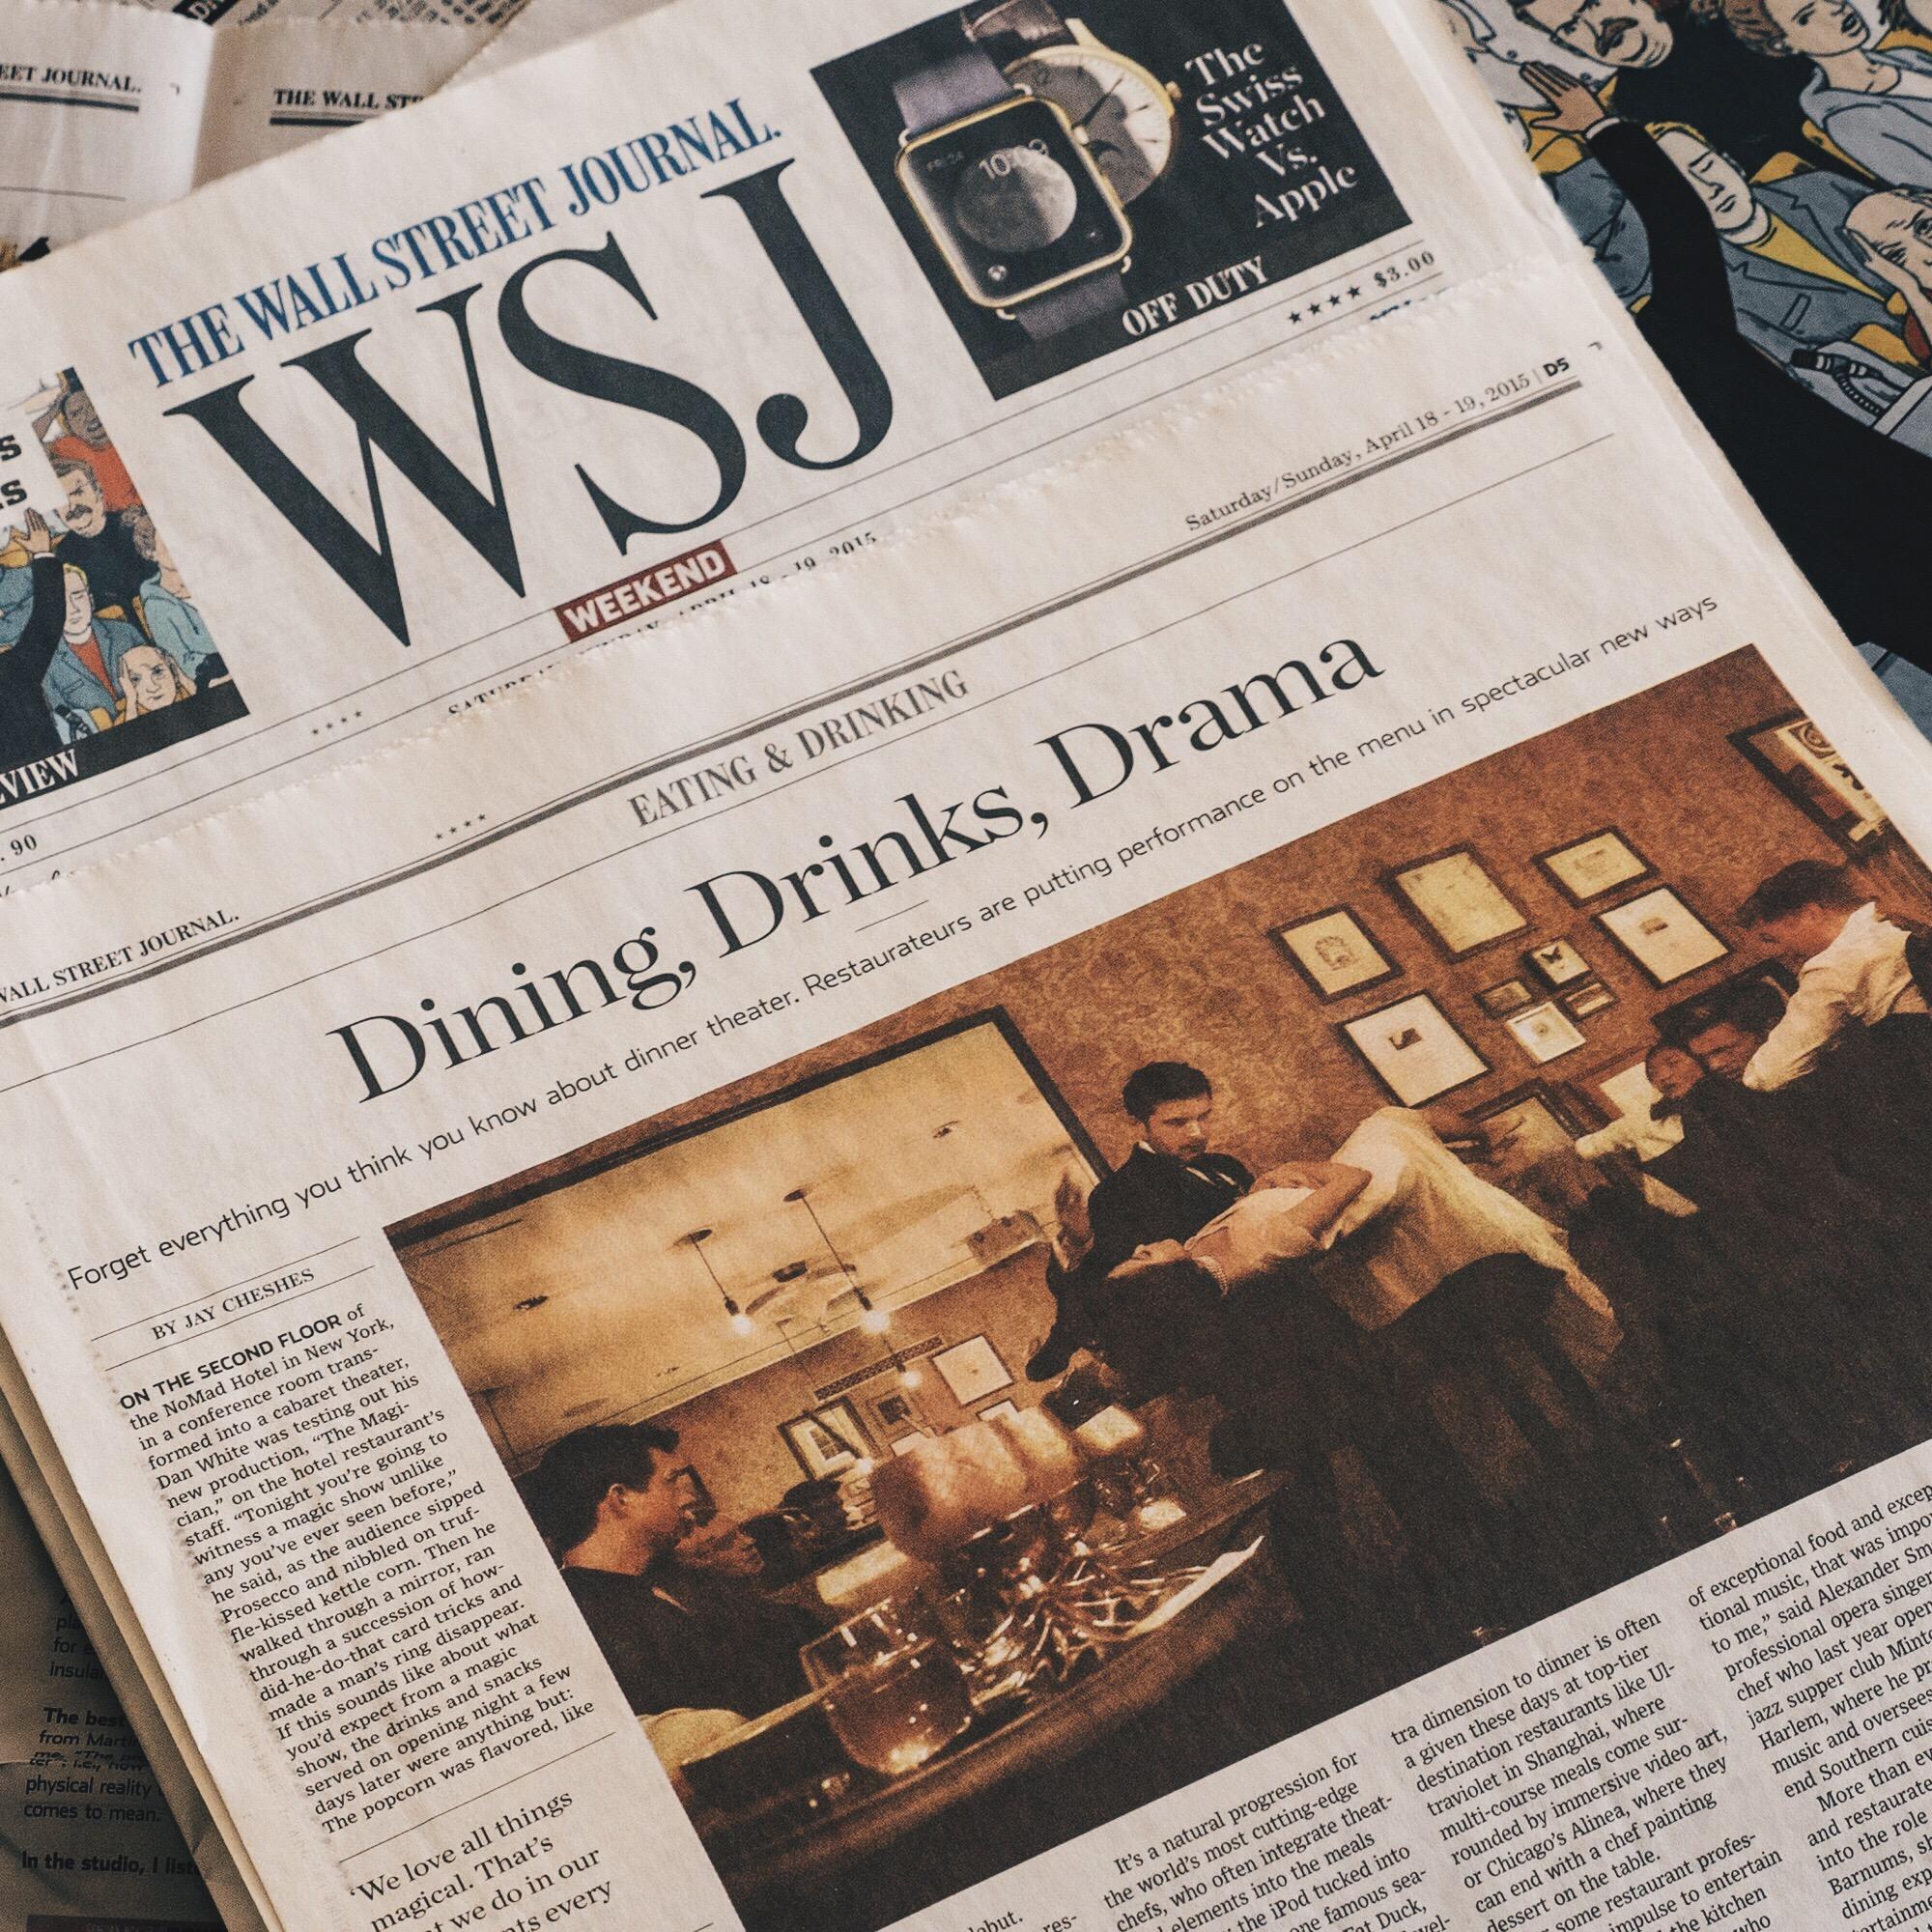 Wall-Street-Journal-04-18-15.jpg